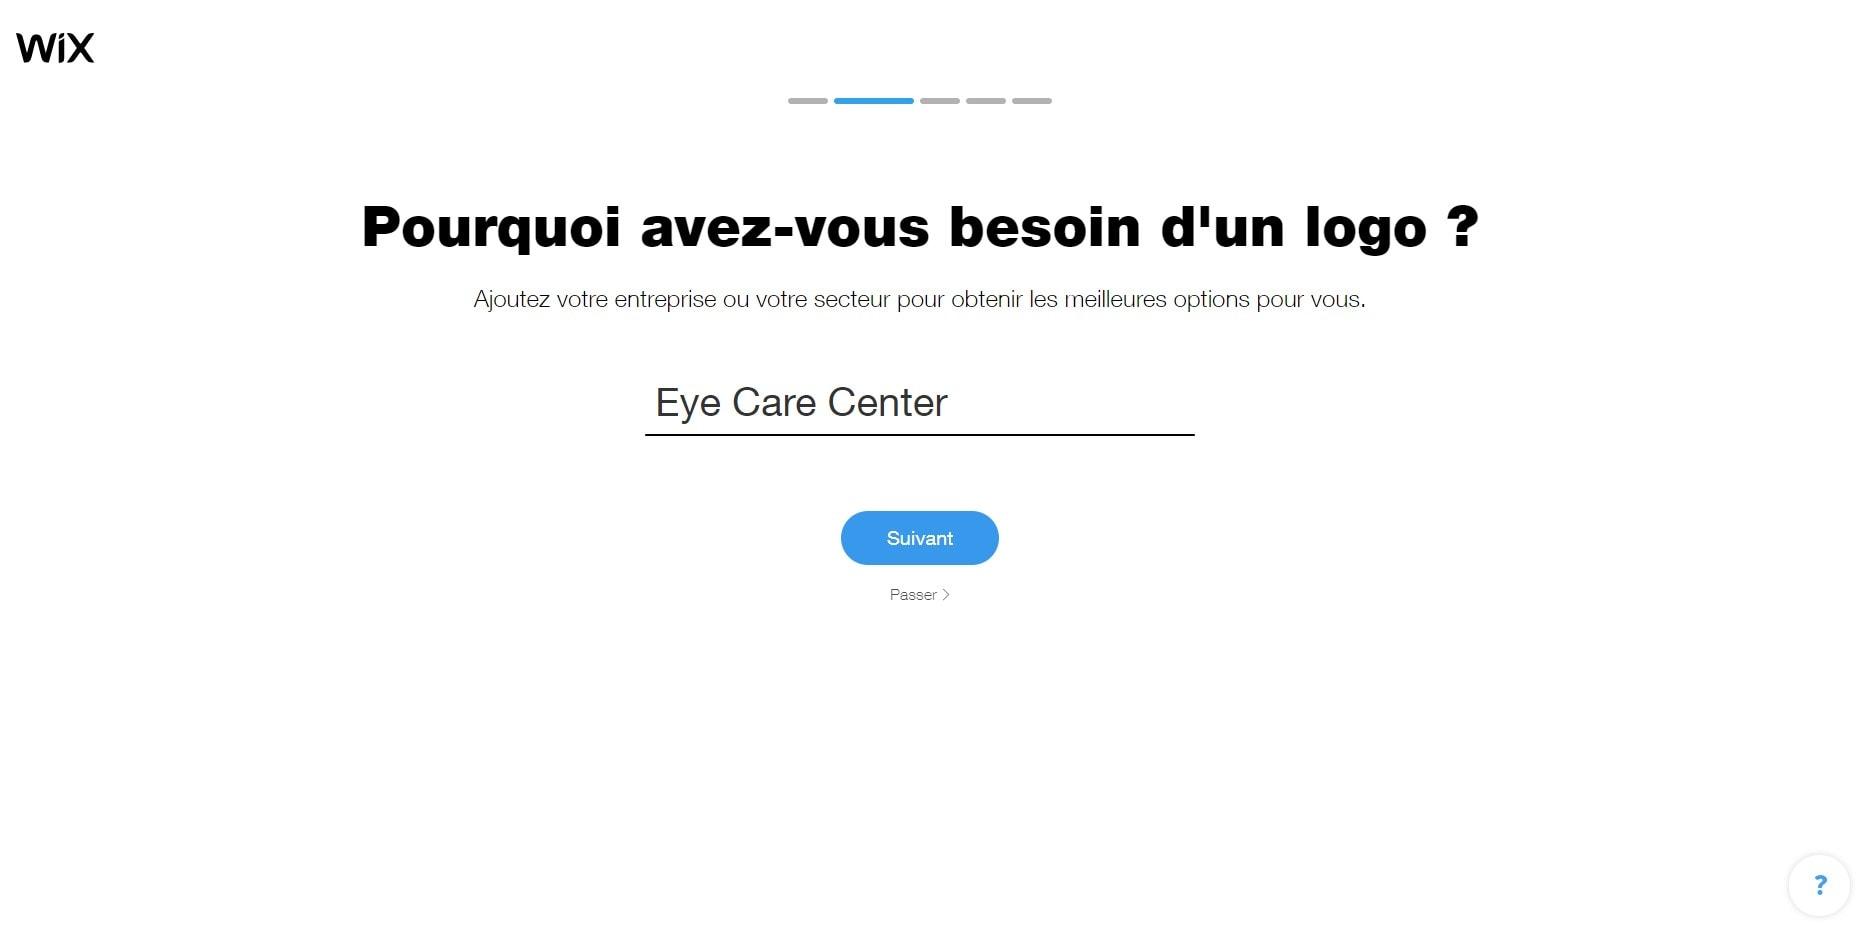 Les 9 meilleurs logos avec un œil et comment créer le vôtre gratuitement en [2021]